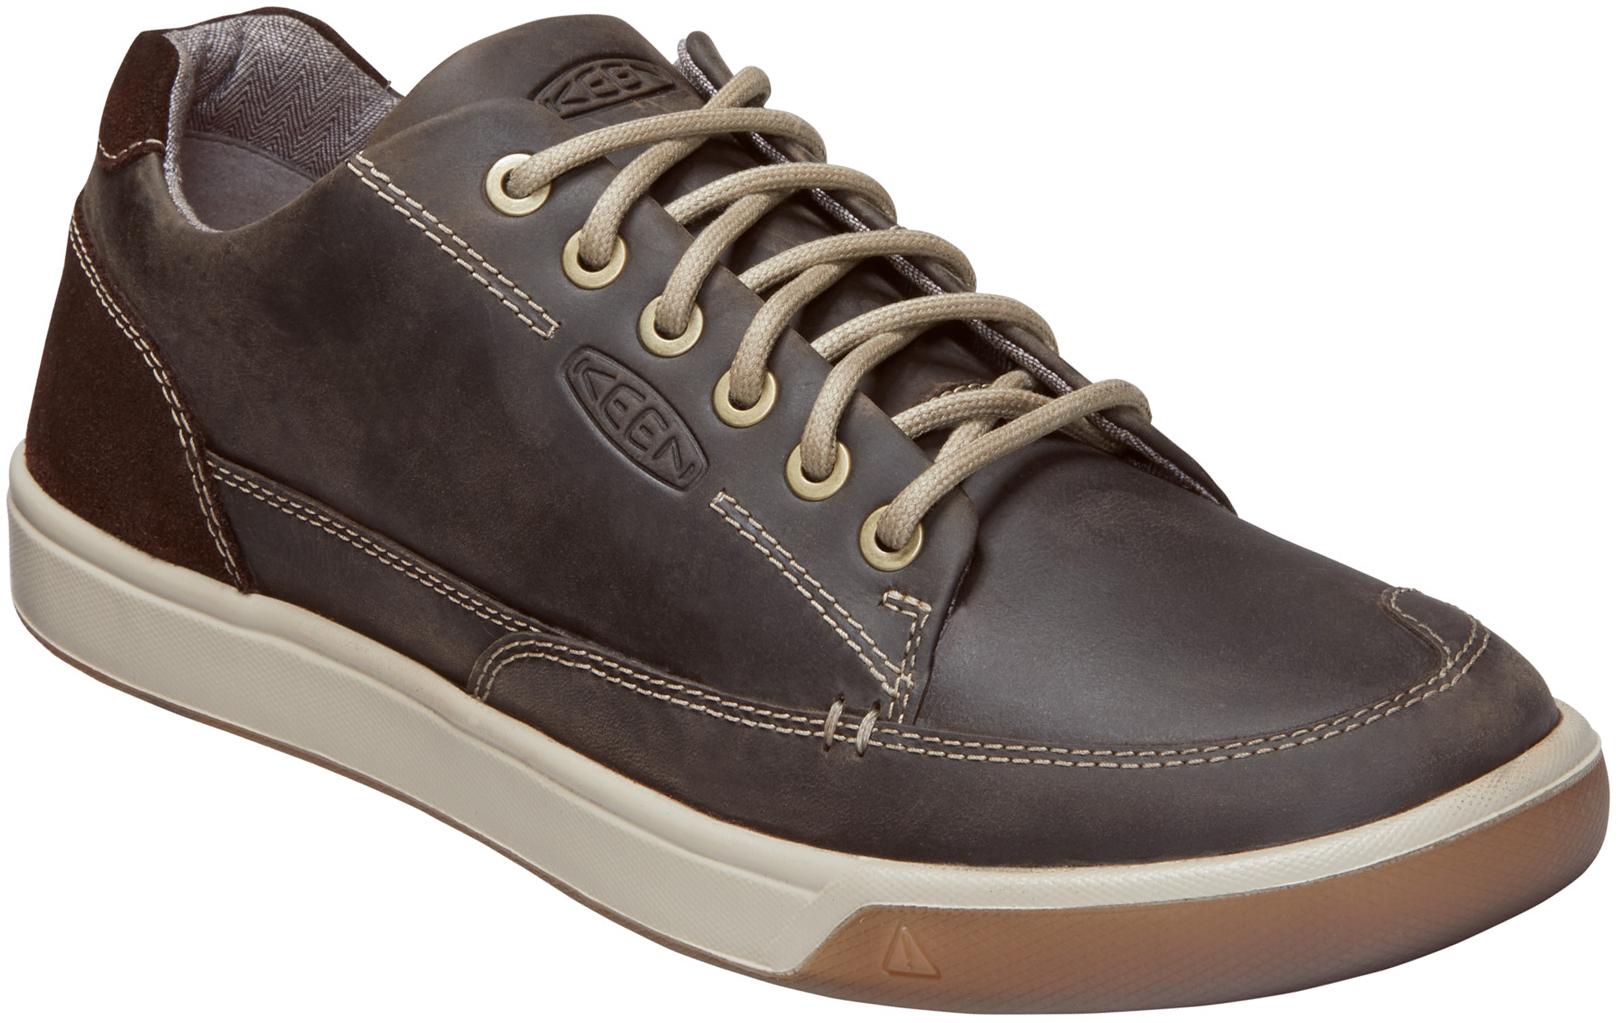 d6f727421f9 Keen Glenhaven Sneakers - Men's | MEC